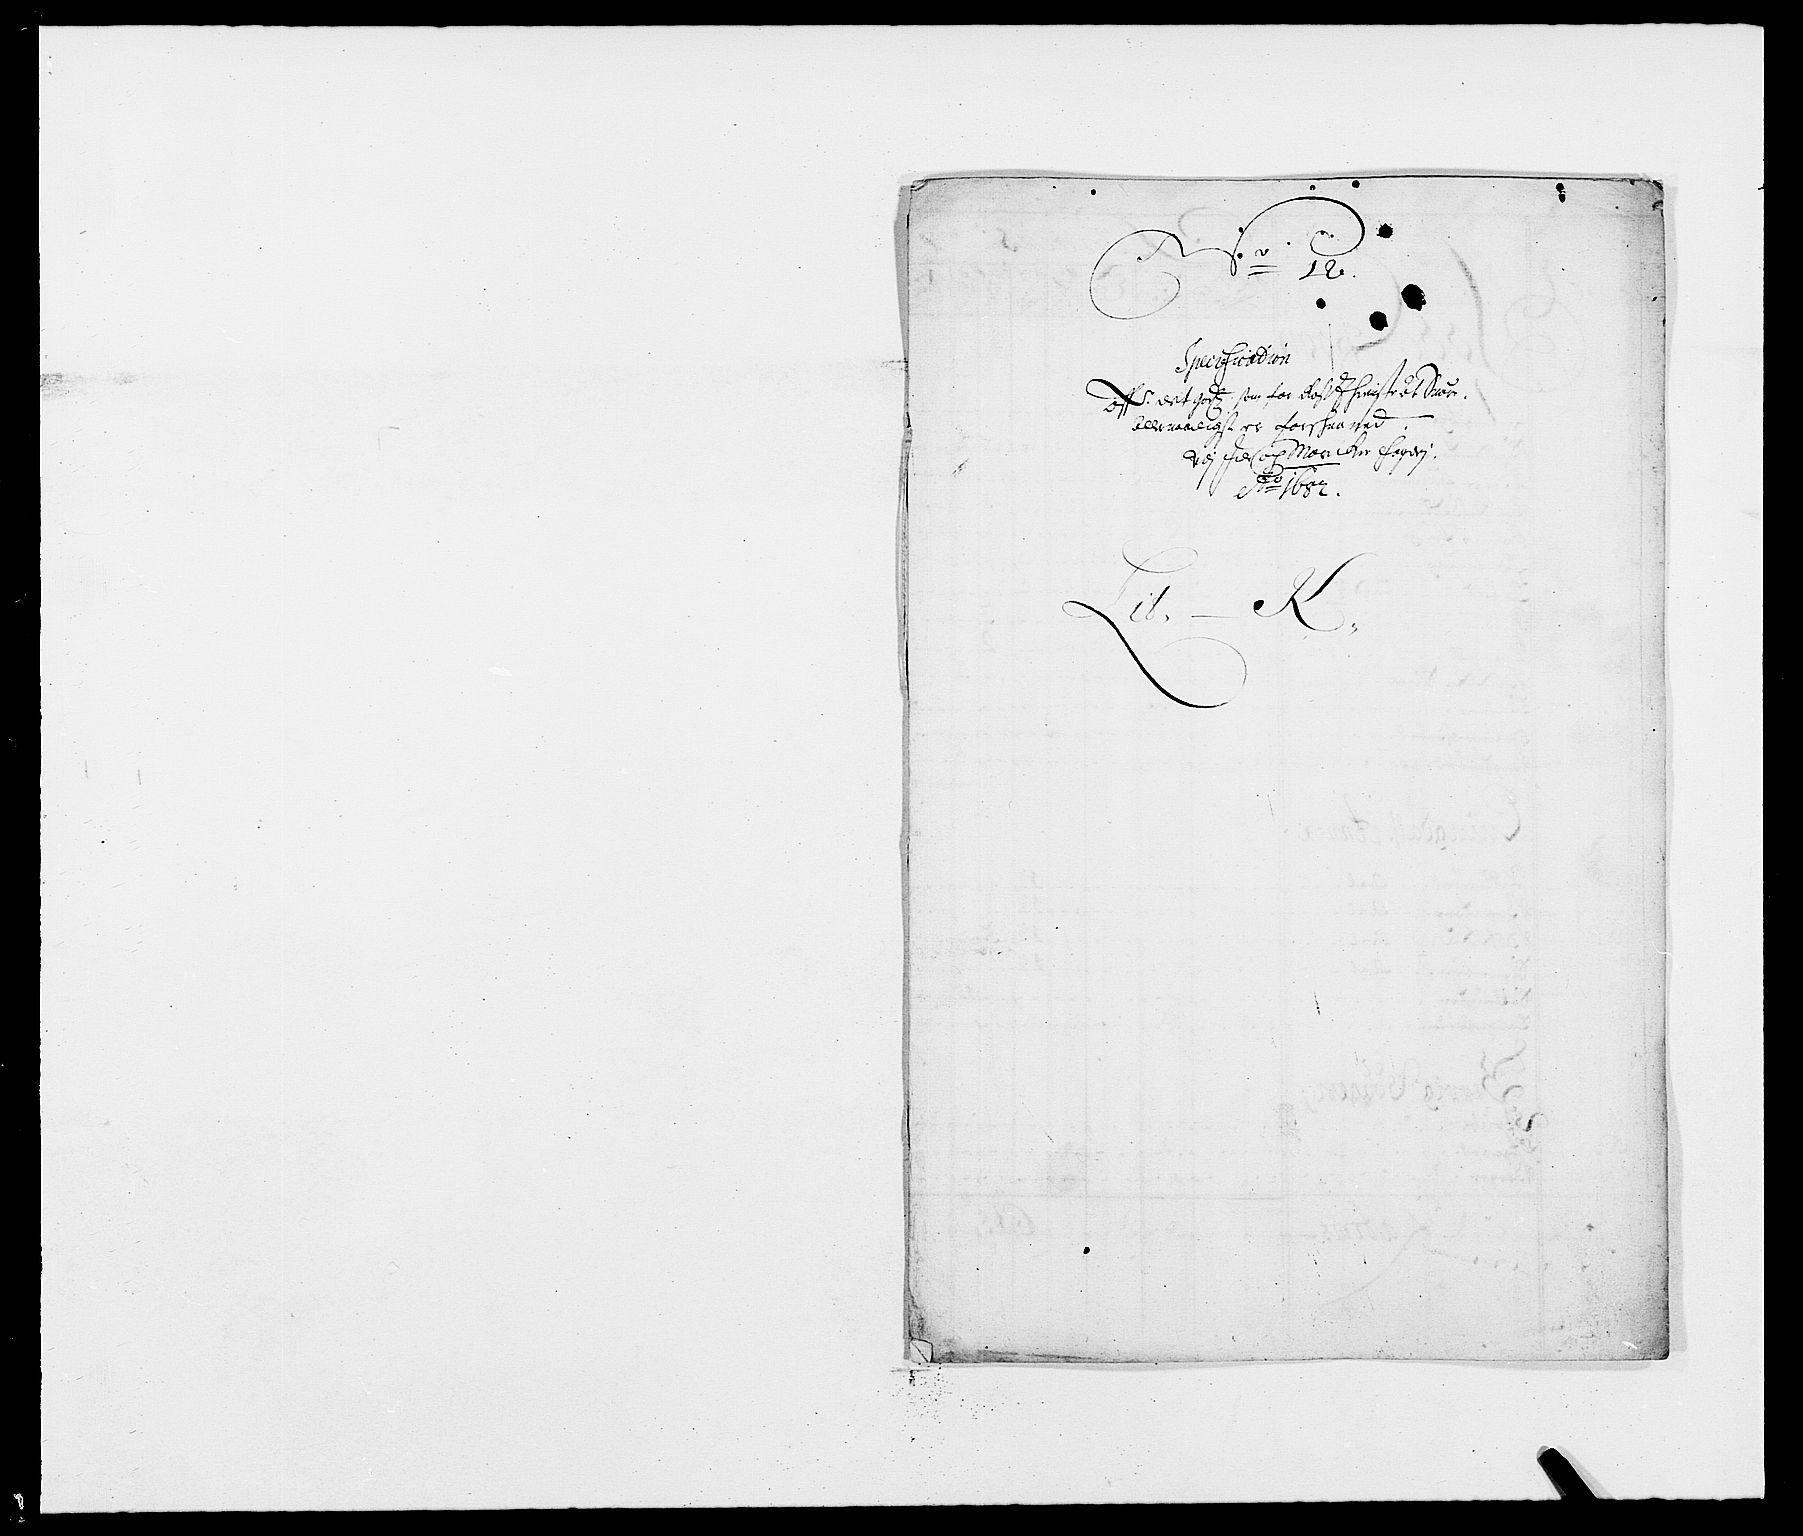 RA, Rentekammeret inntil 1814, Reviderte regnskaper, Fogderegnskap, R01/L0004: Fogderegnskap Idd og Marker , 1682-1683, s. 153